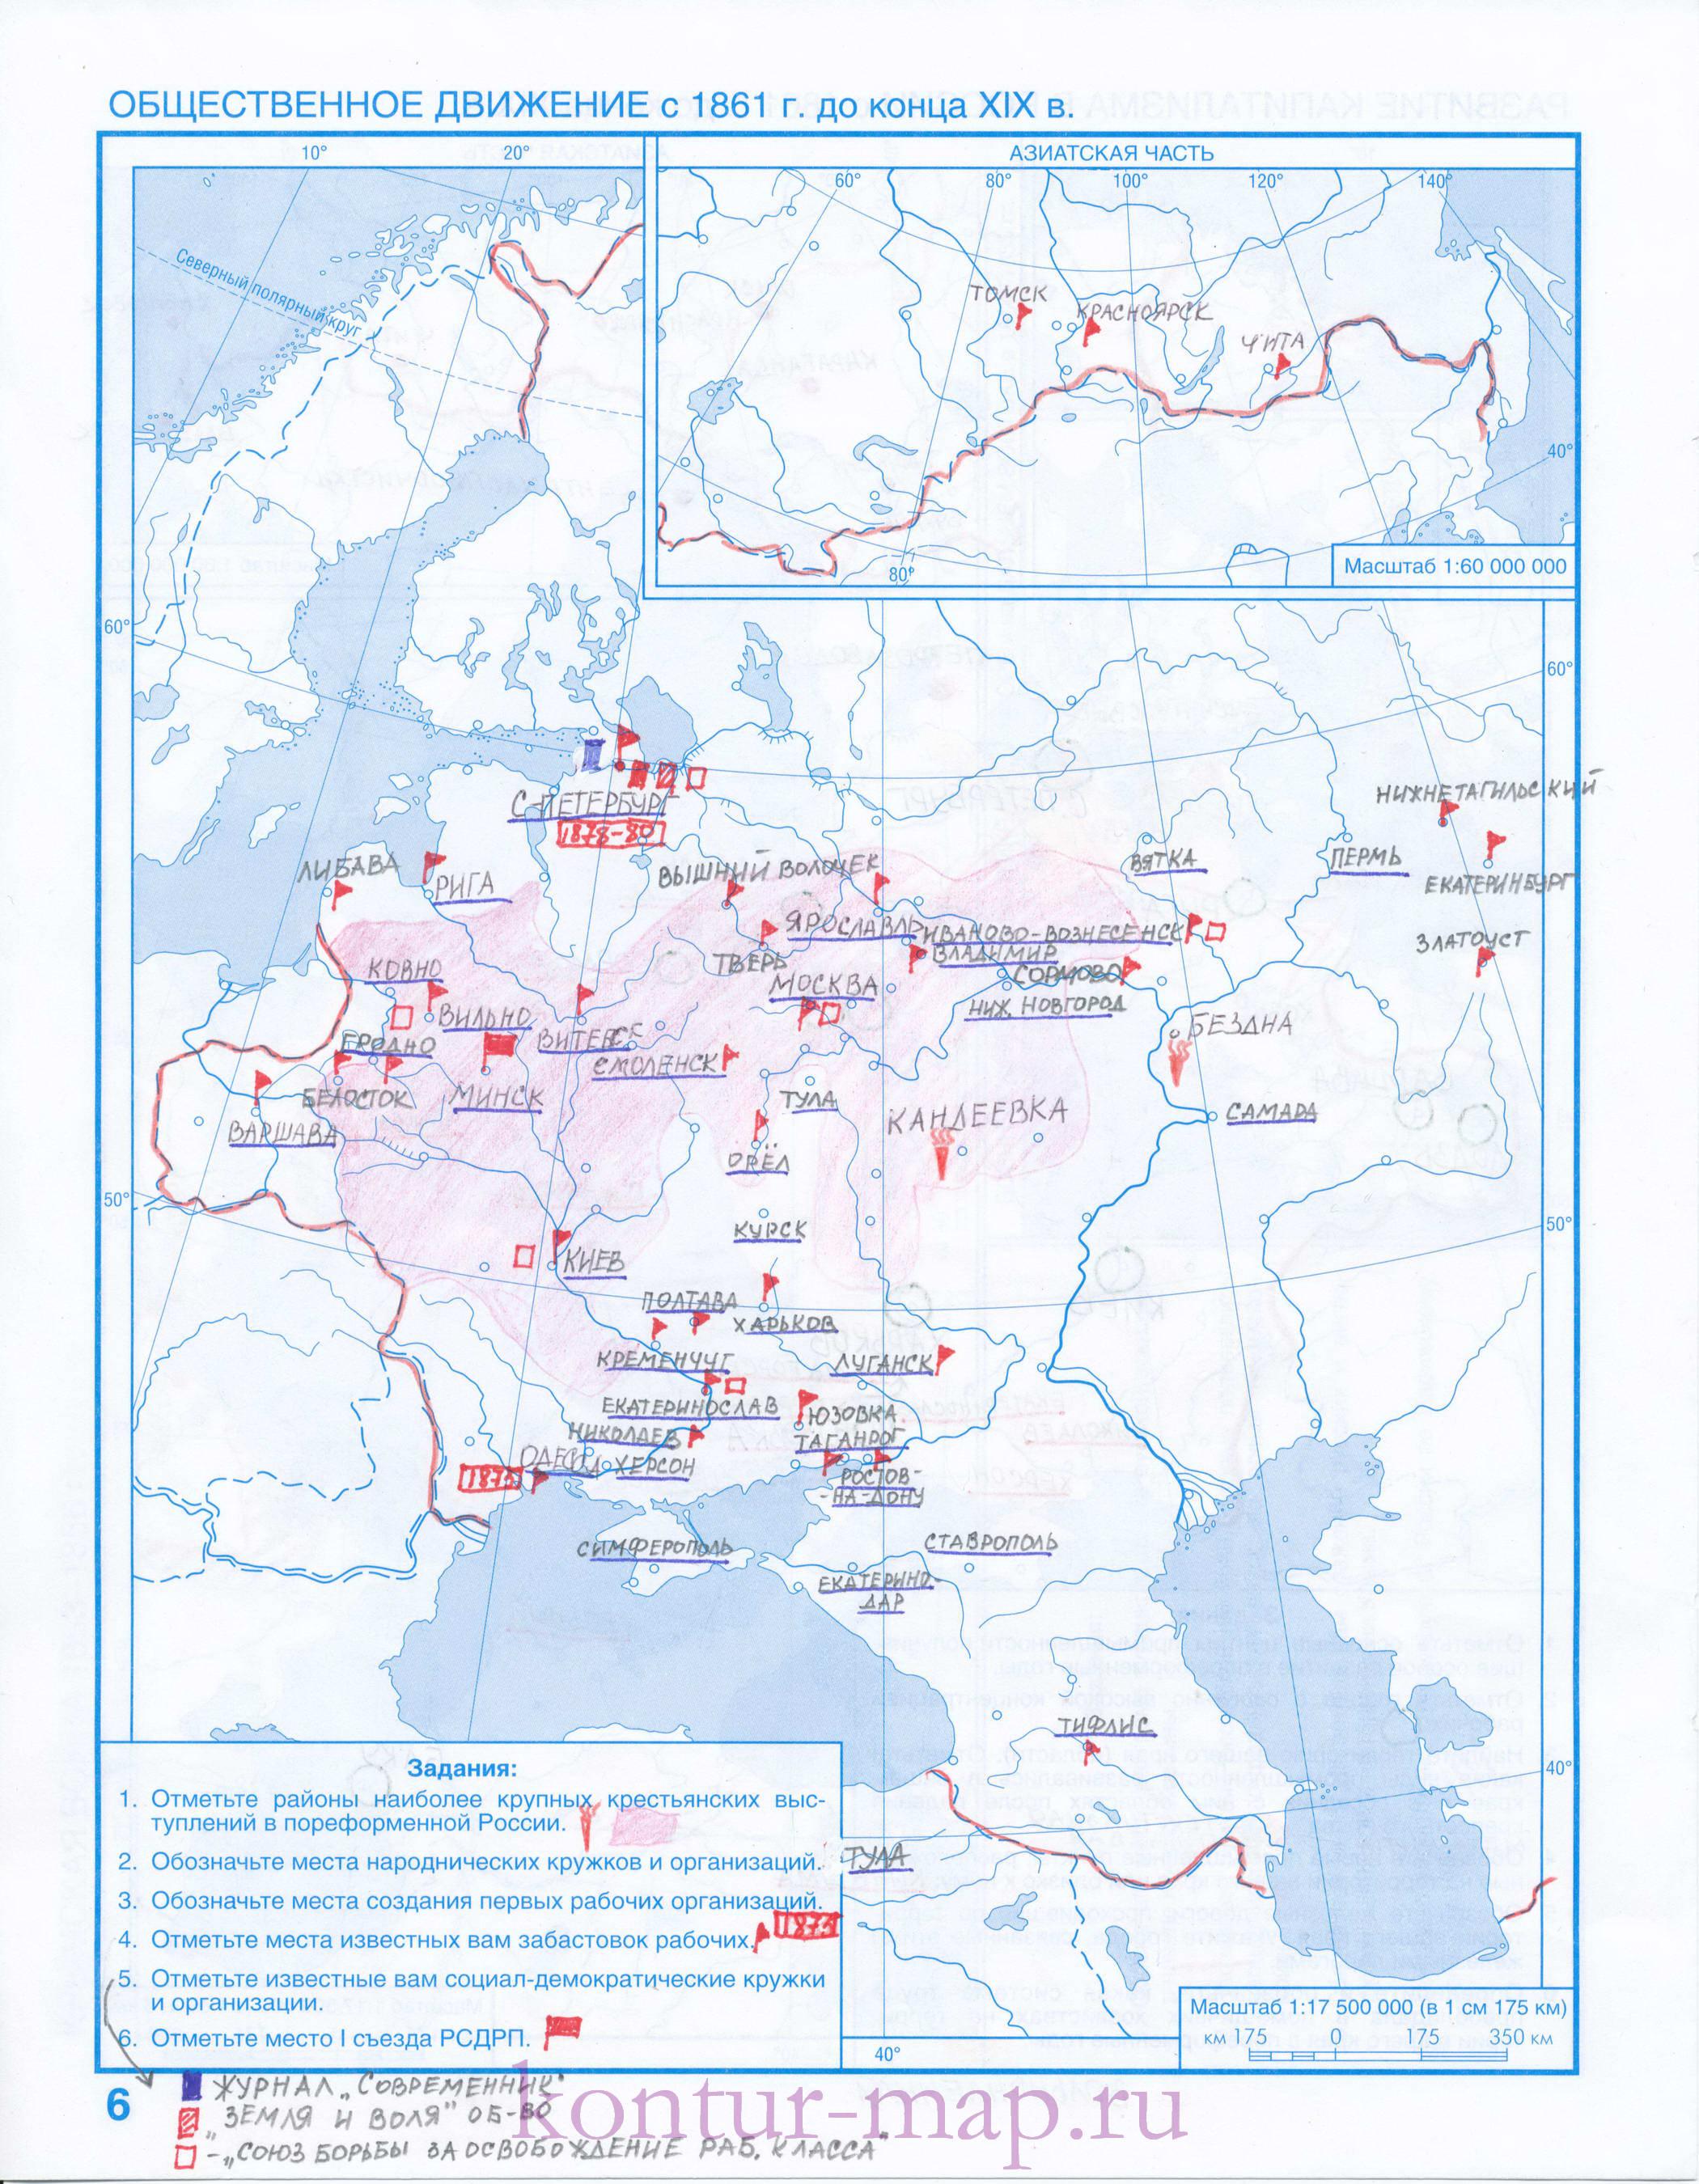 решебник к контурной карте по истории россии 8 класс